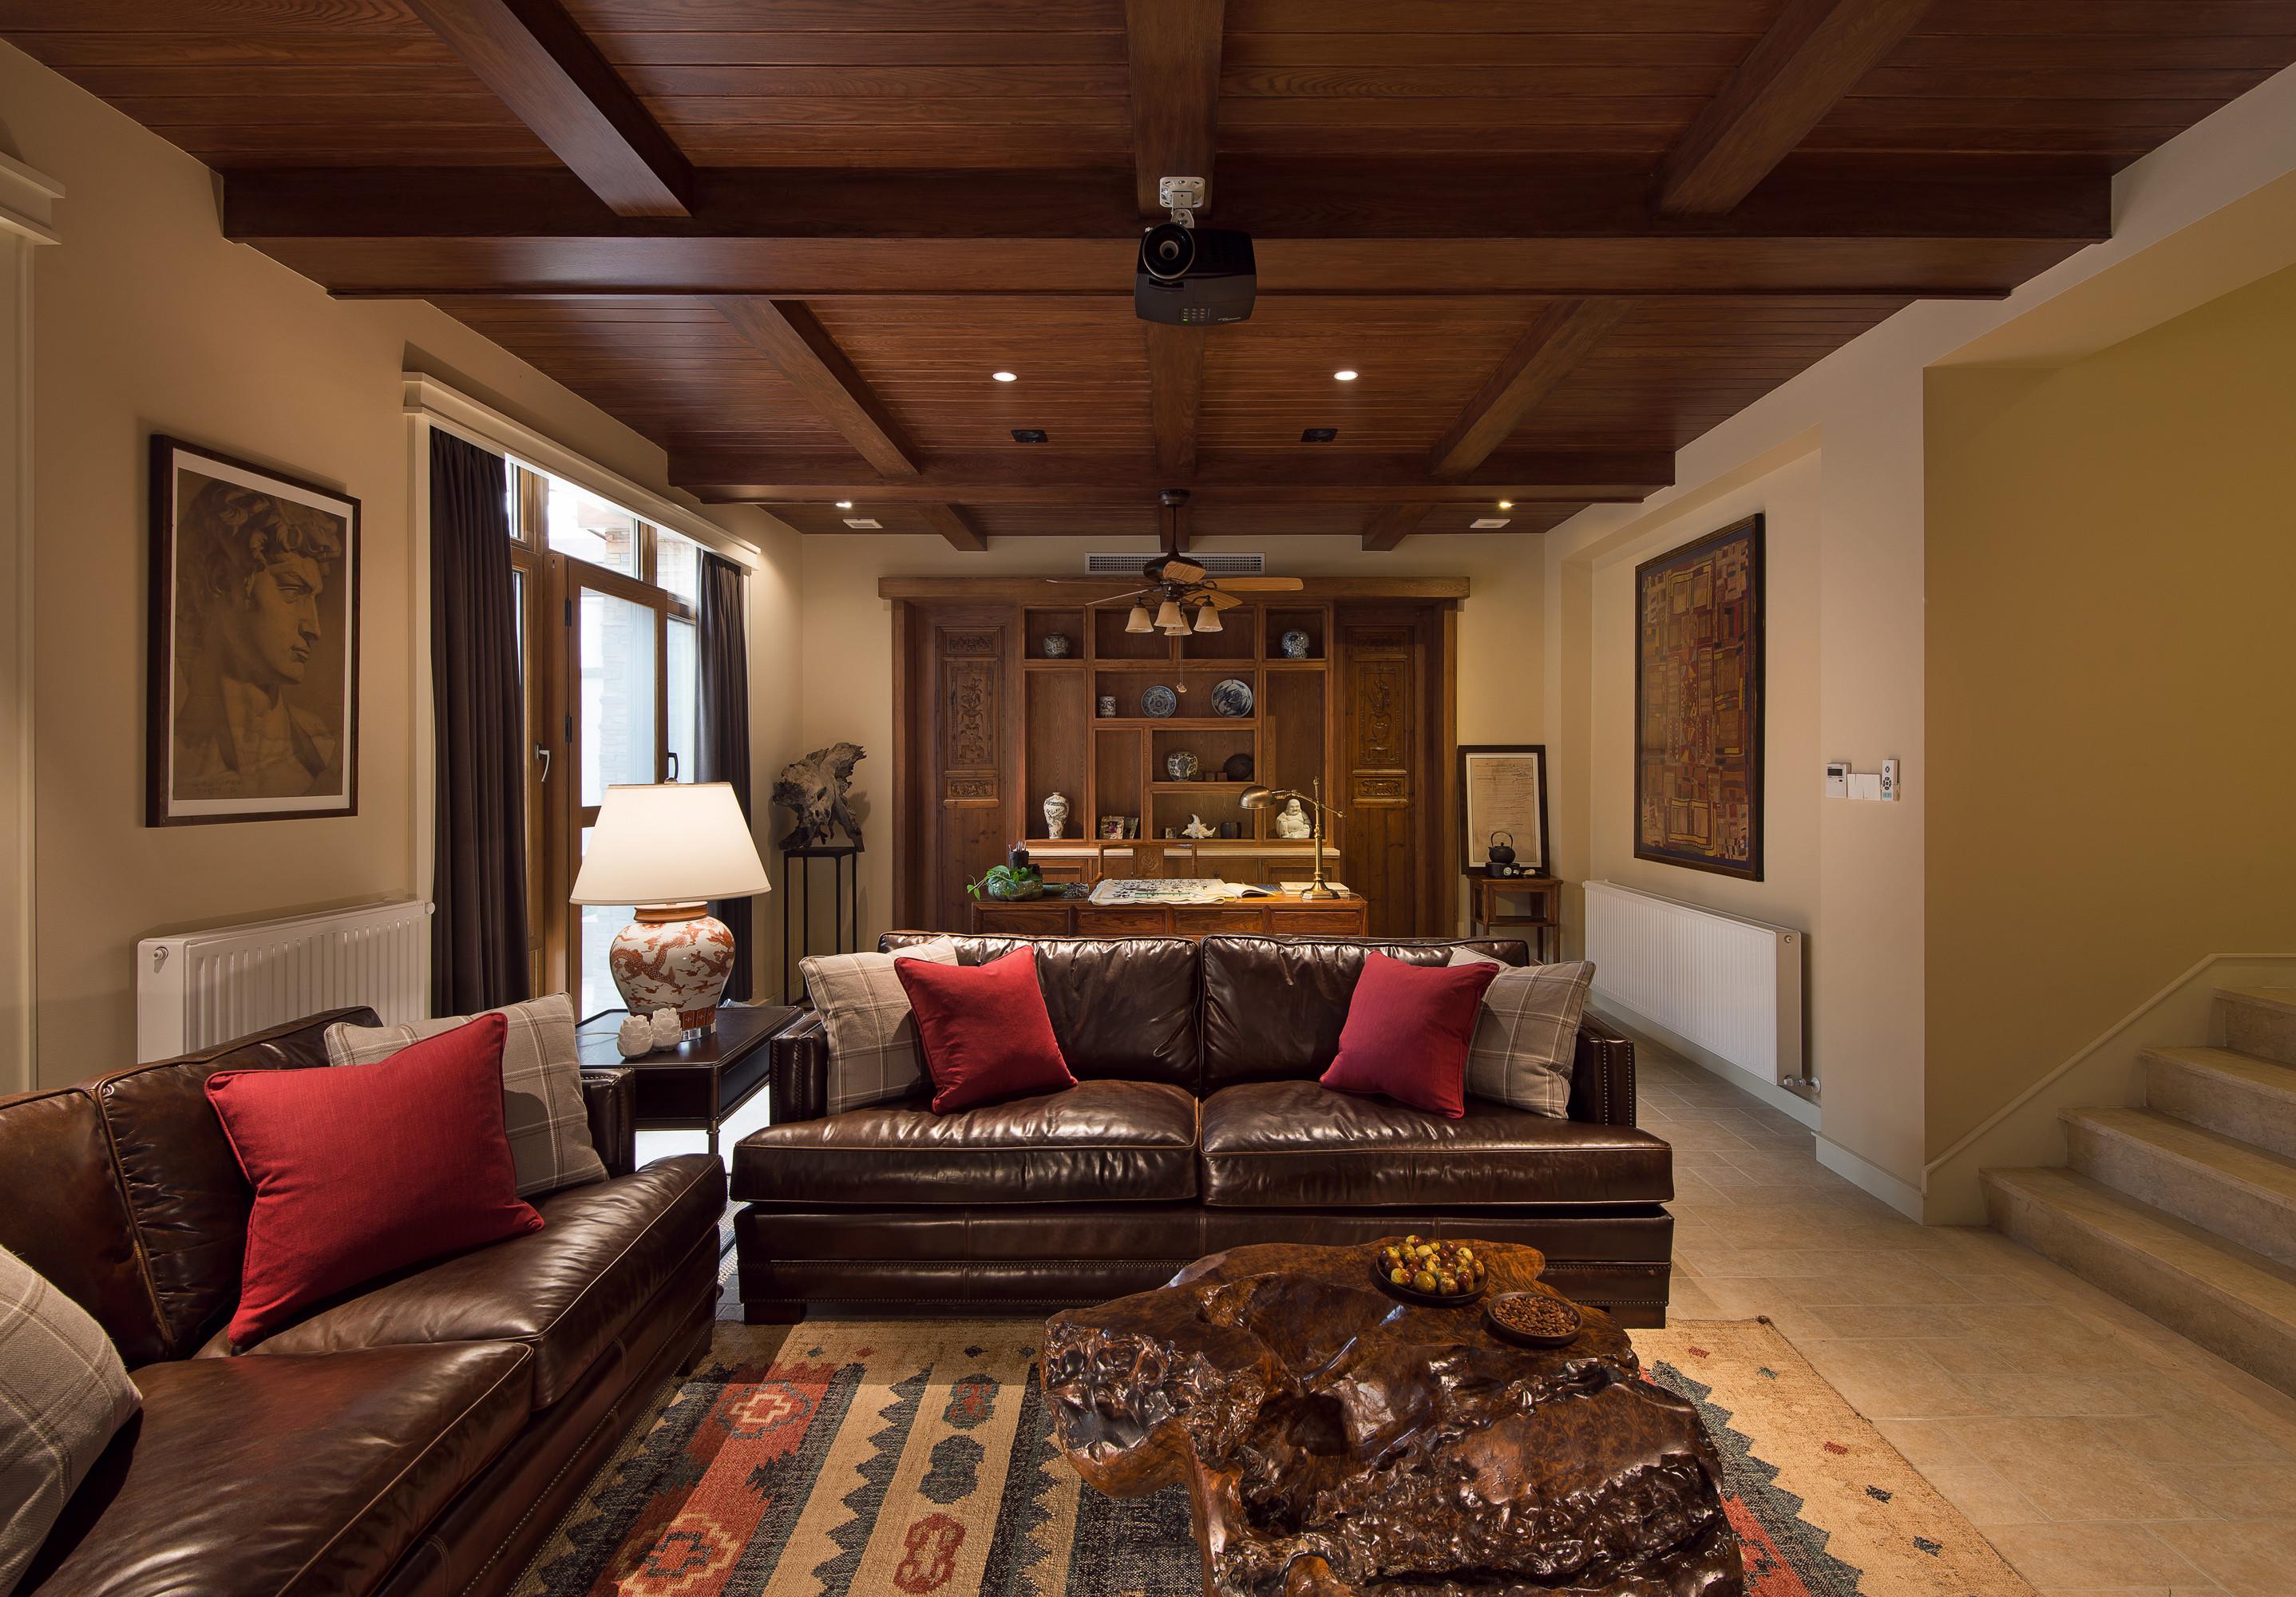 美式别墅装修影音室沙发图片